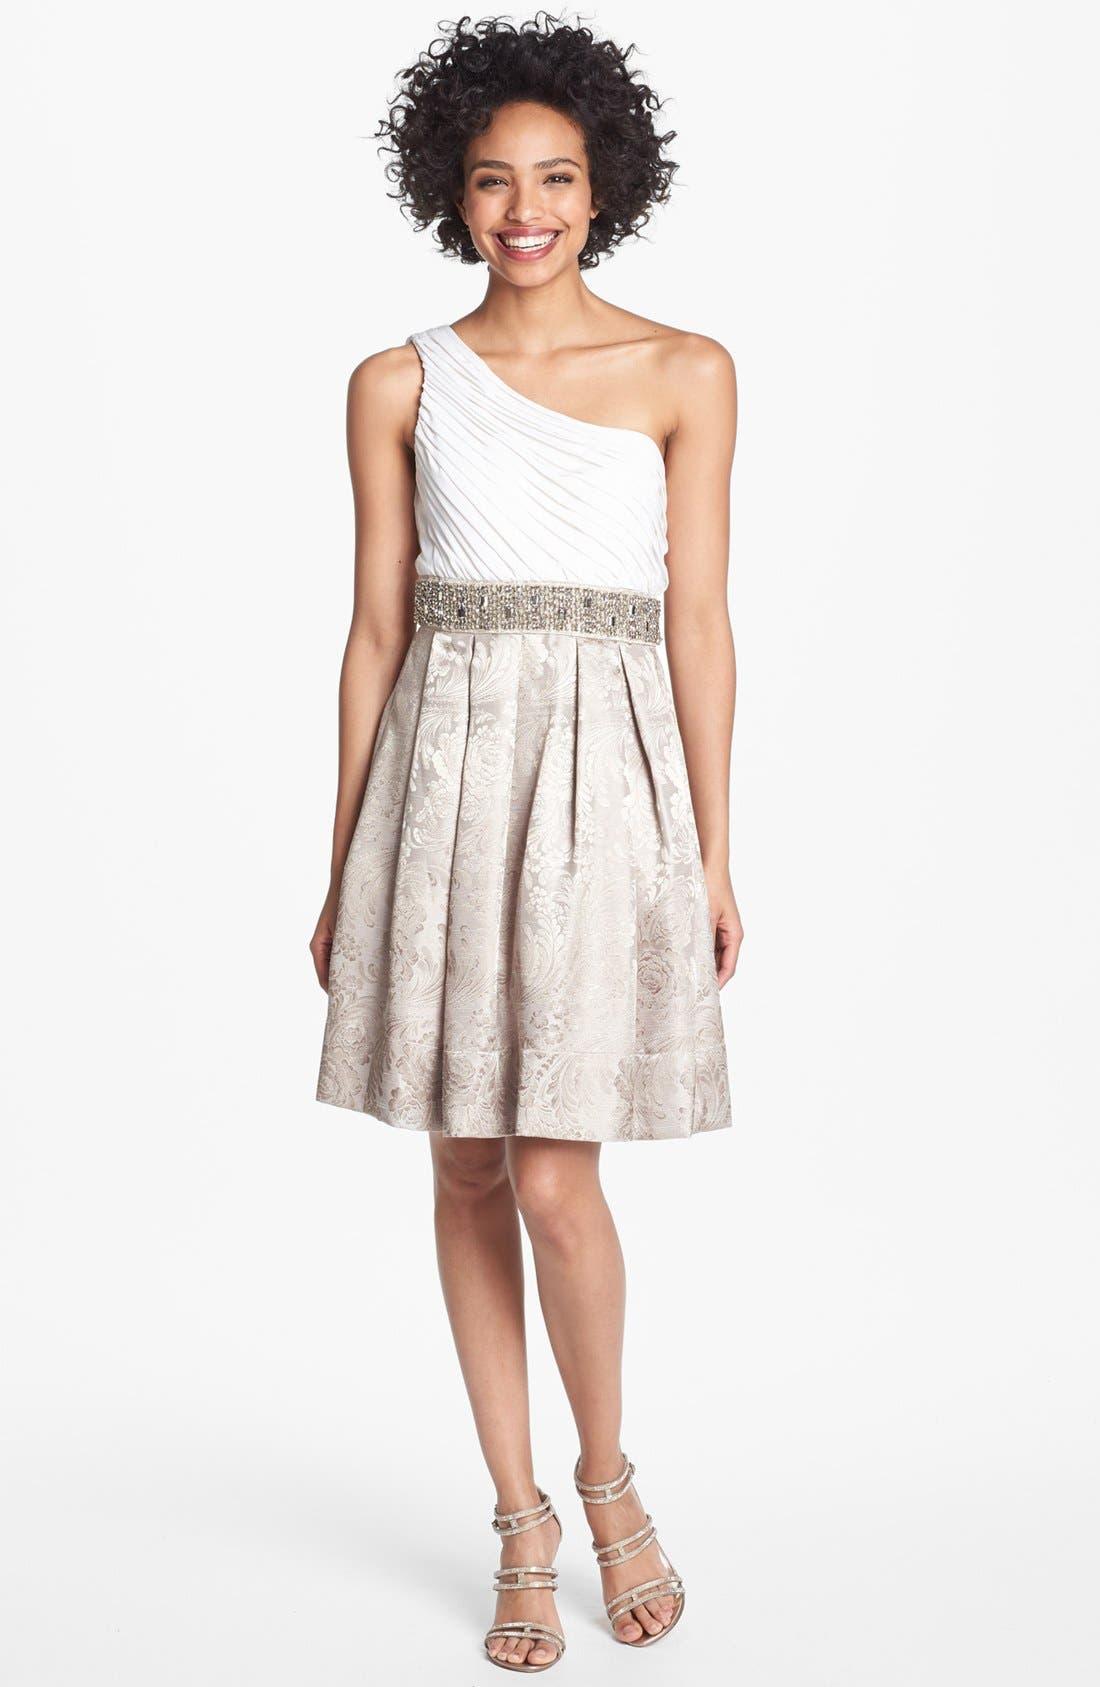 Alternate Image 1 Selected - Eliza J Embellished One Shoulder Fit & Flare Dress